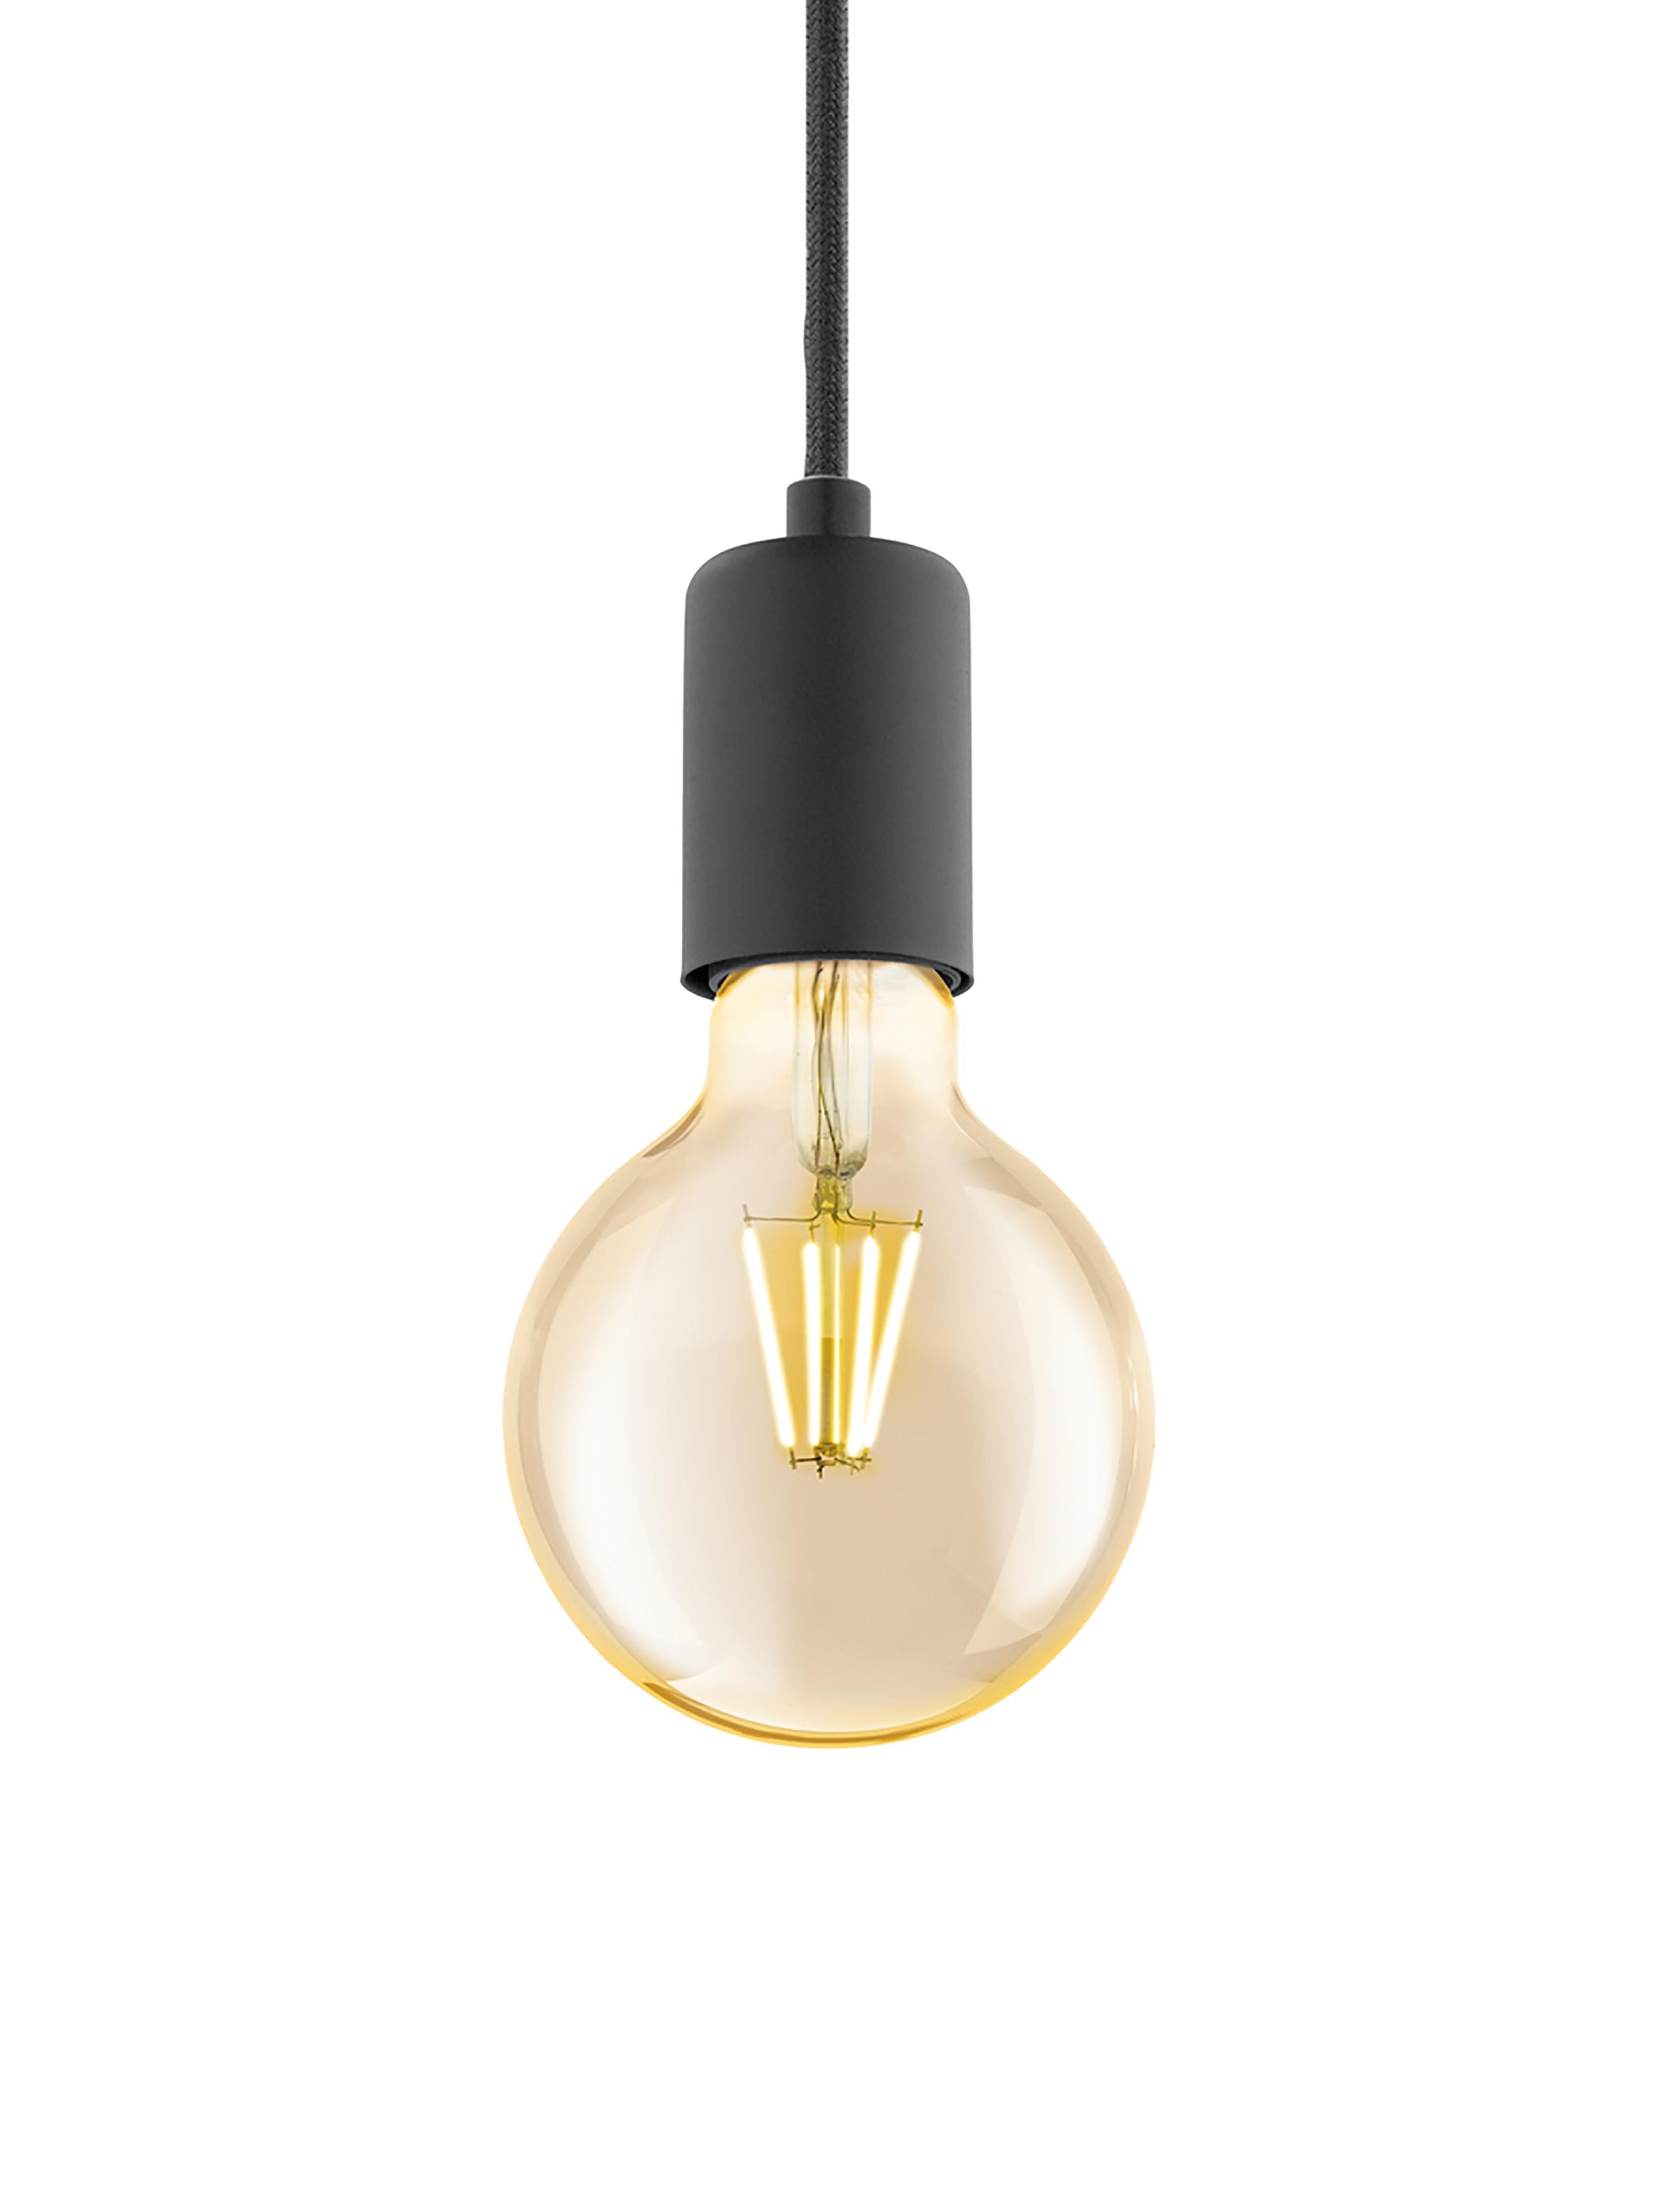 Lampa wisząca Trey, Czarny, matowy, ∅ 10 x W 8 cm